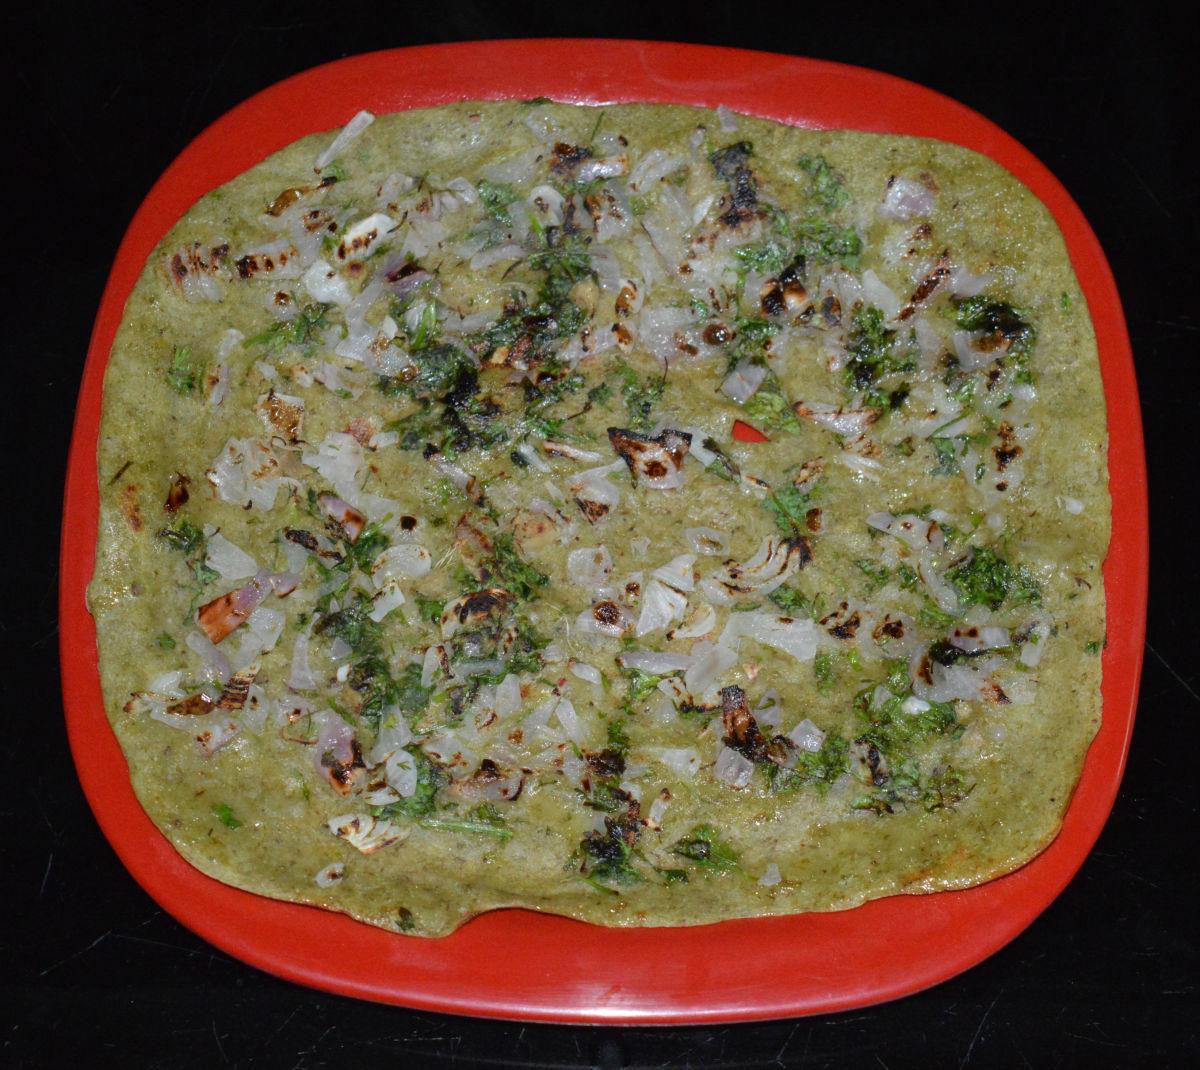 How to Make Mung Bean Pancake (Pesarattu)